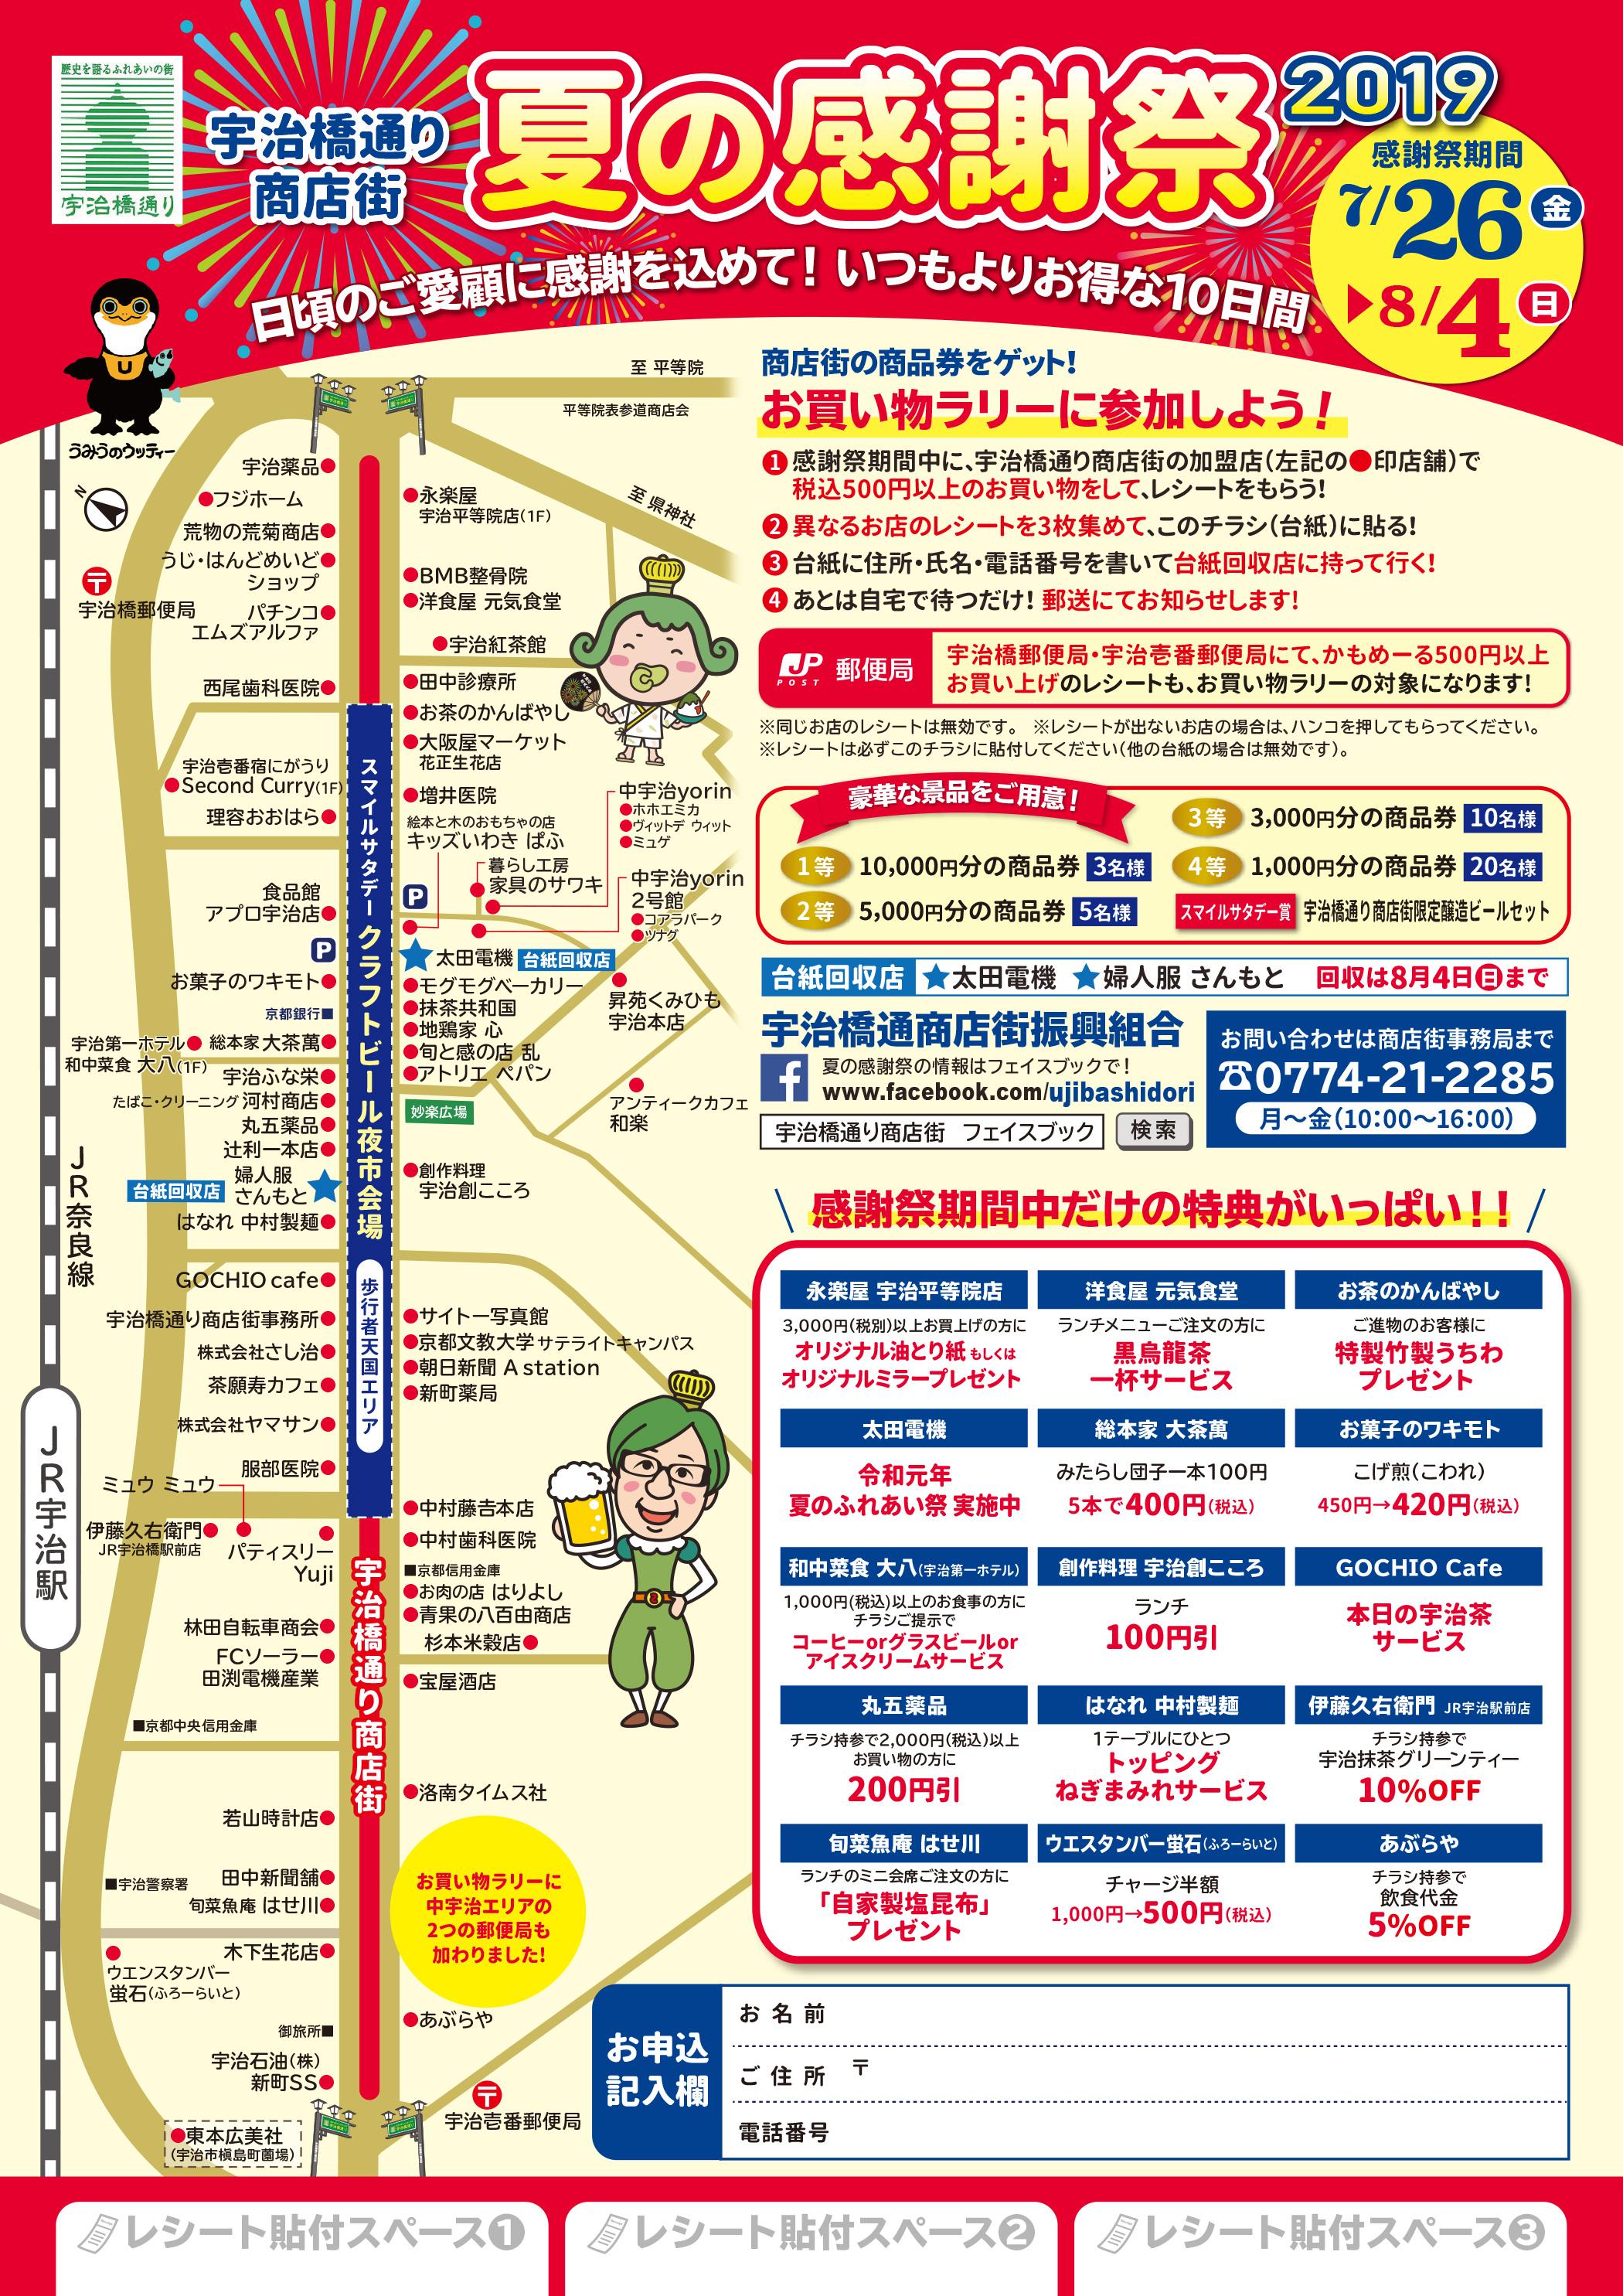 クラフトビール夜市・宇治橋通り商店街・スマイルサタデー(2019年8月3日開催)